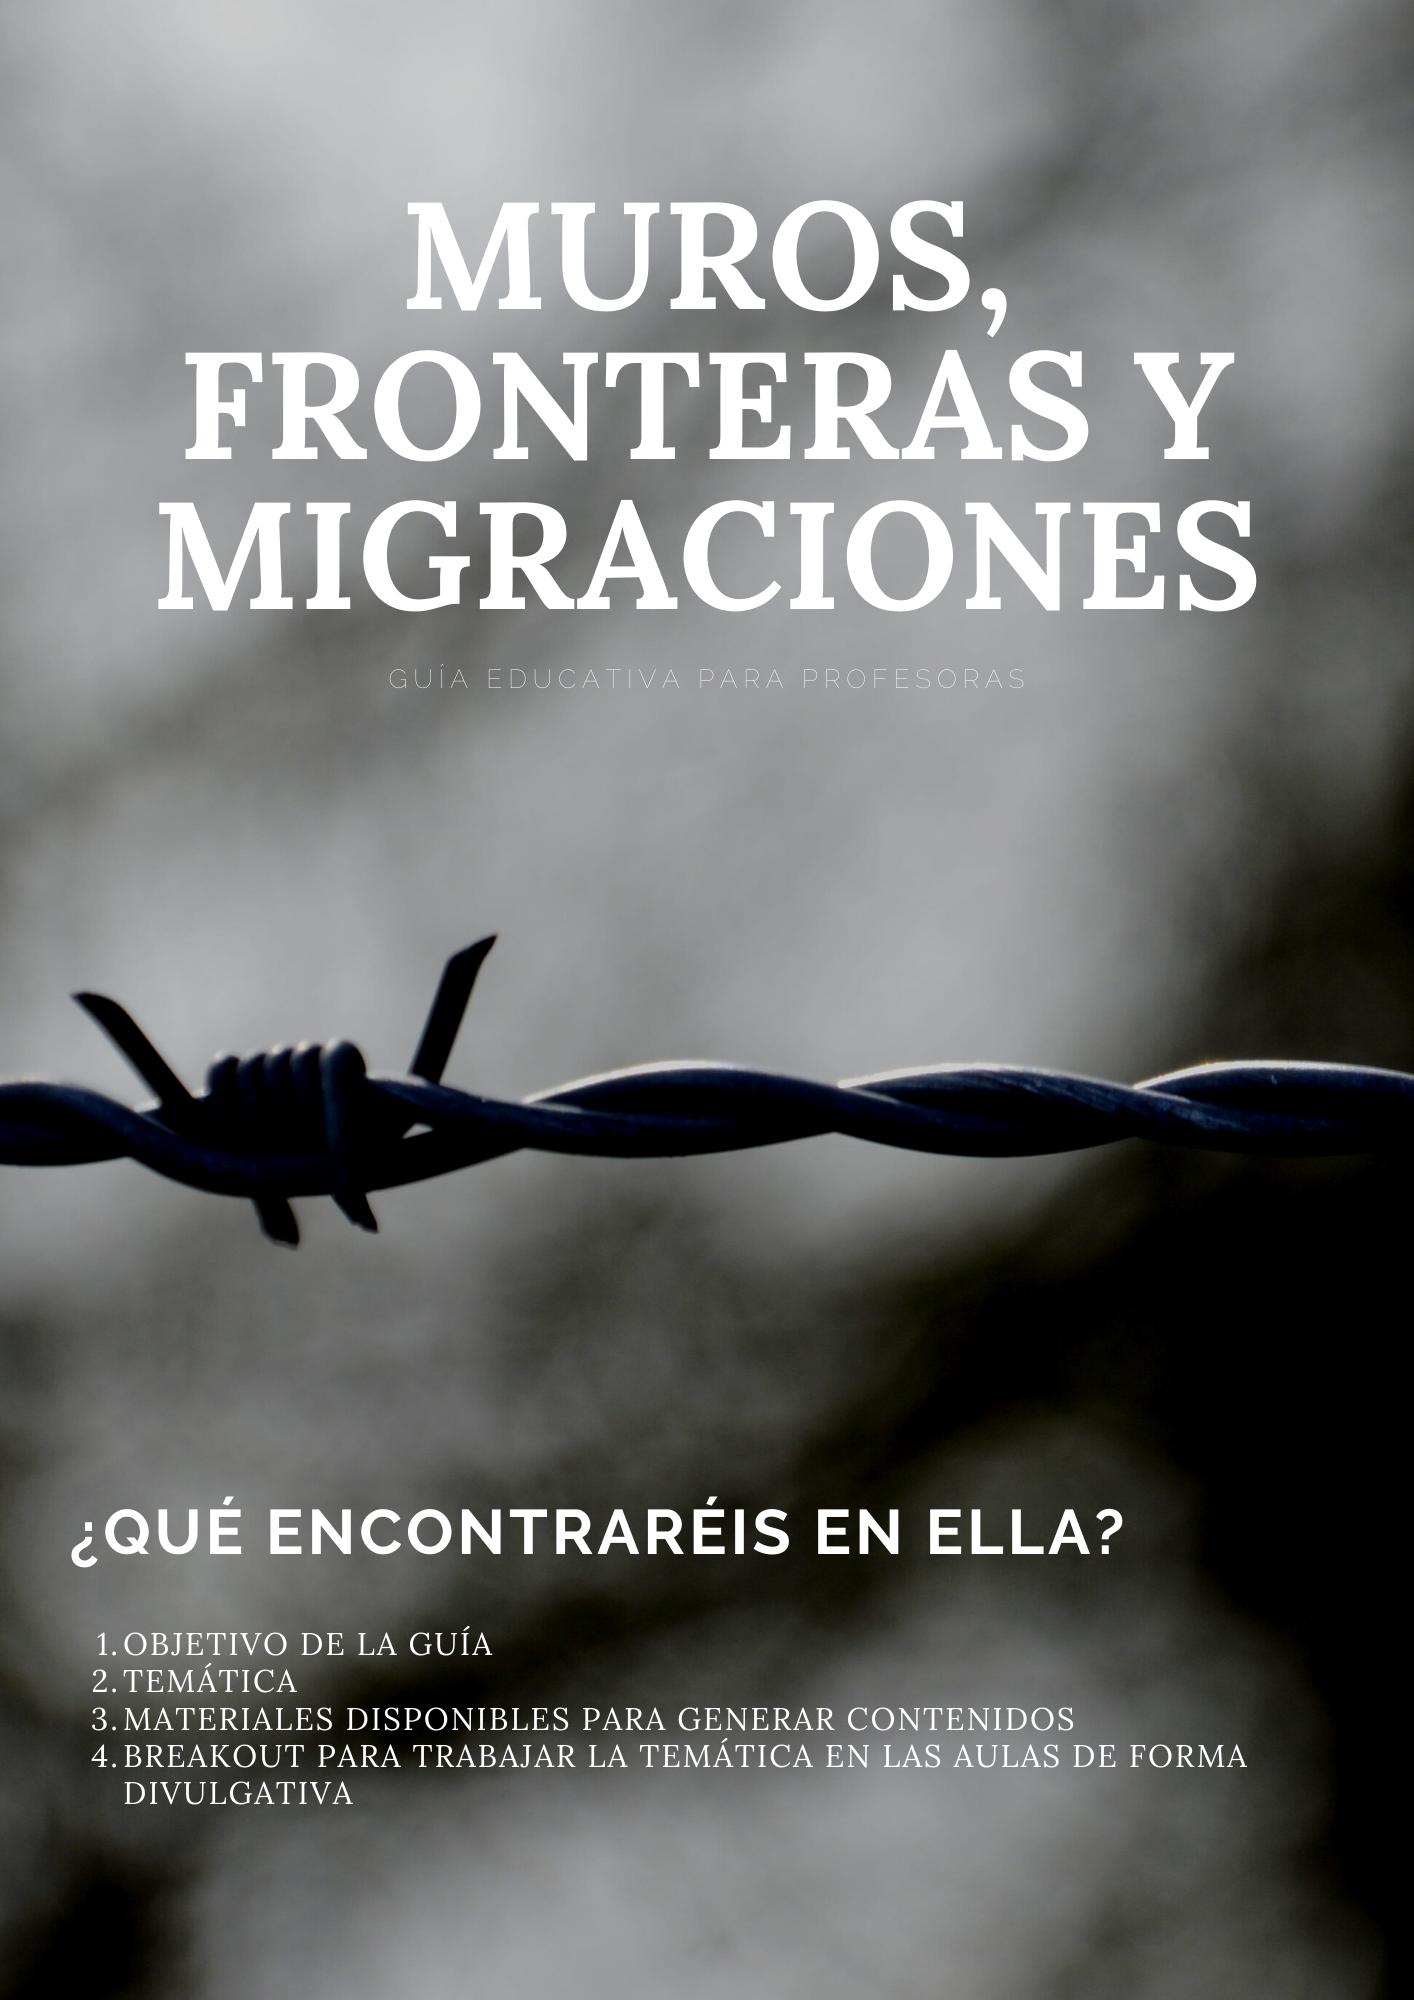 Guía educativa Muros Fronteras y migraciones